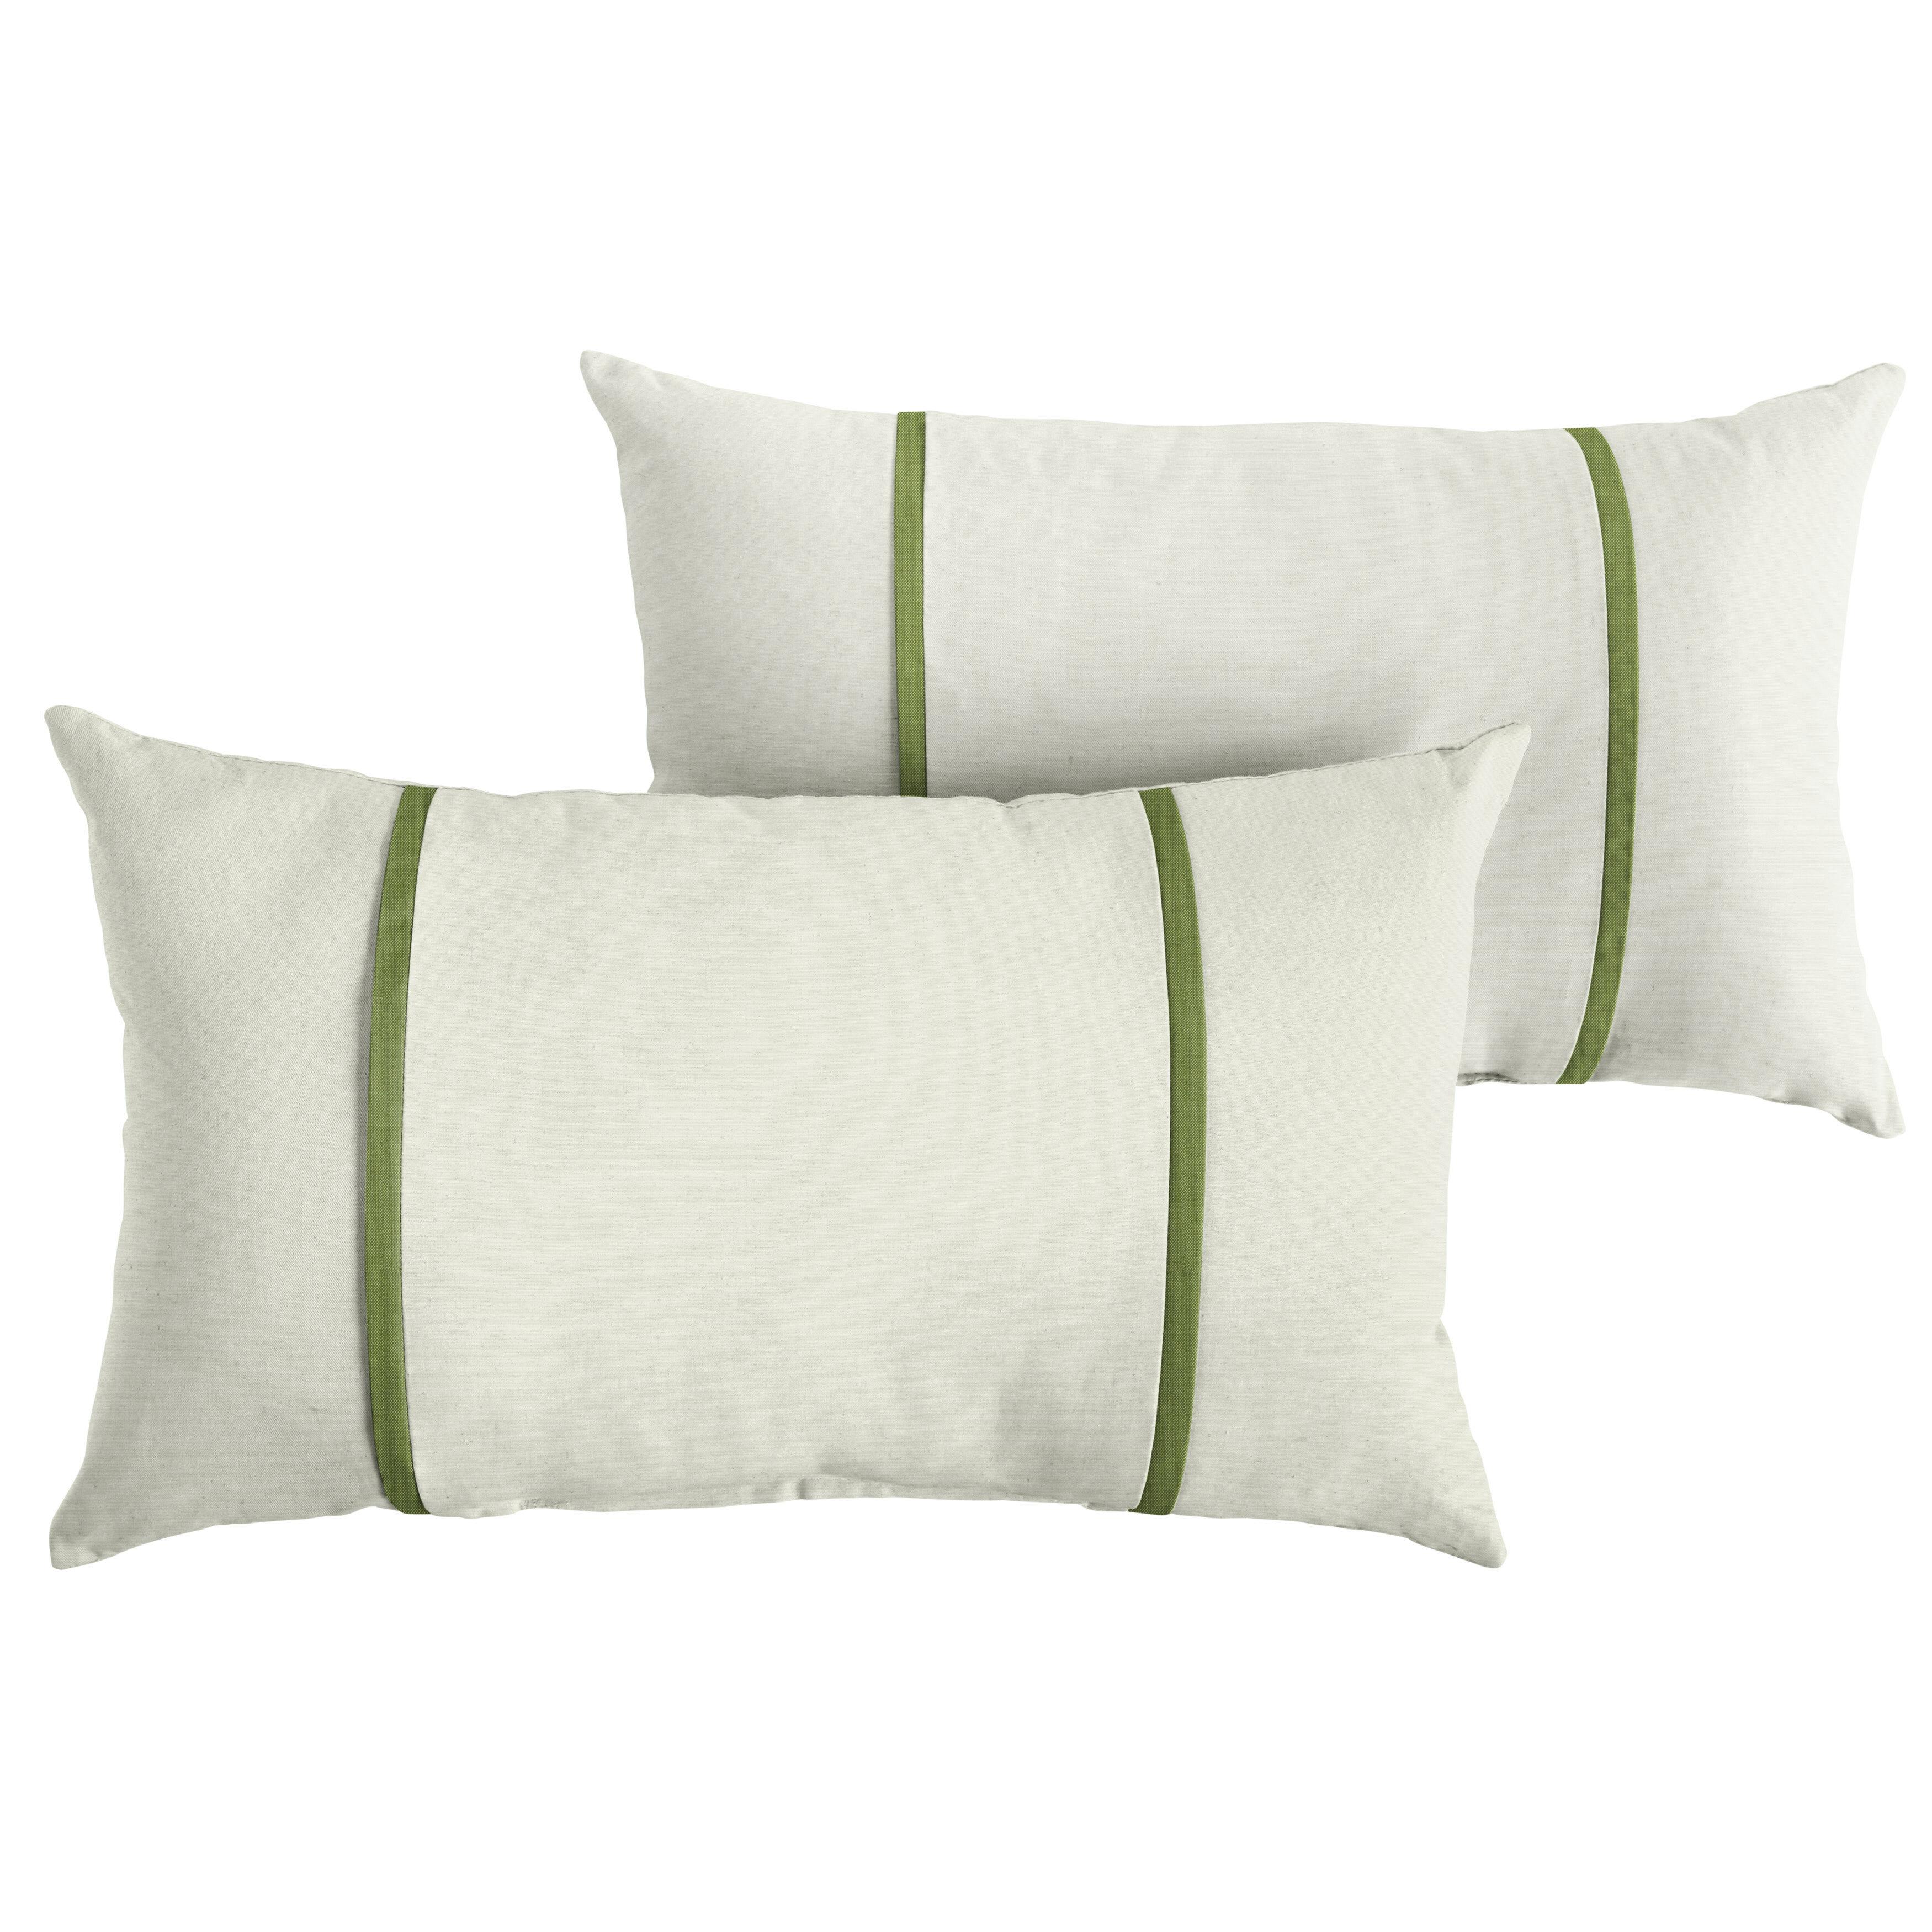 Highland Dunes Ciccone Indoor Outdoor Lumbar Pillow Wayfair